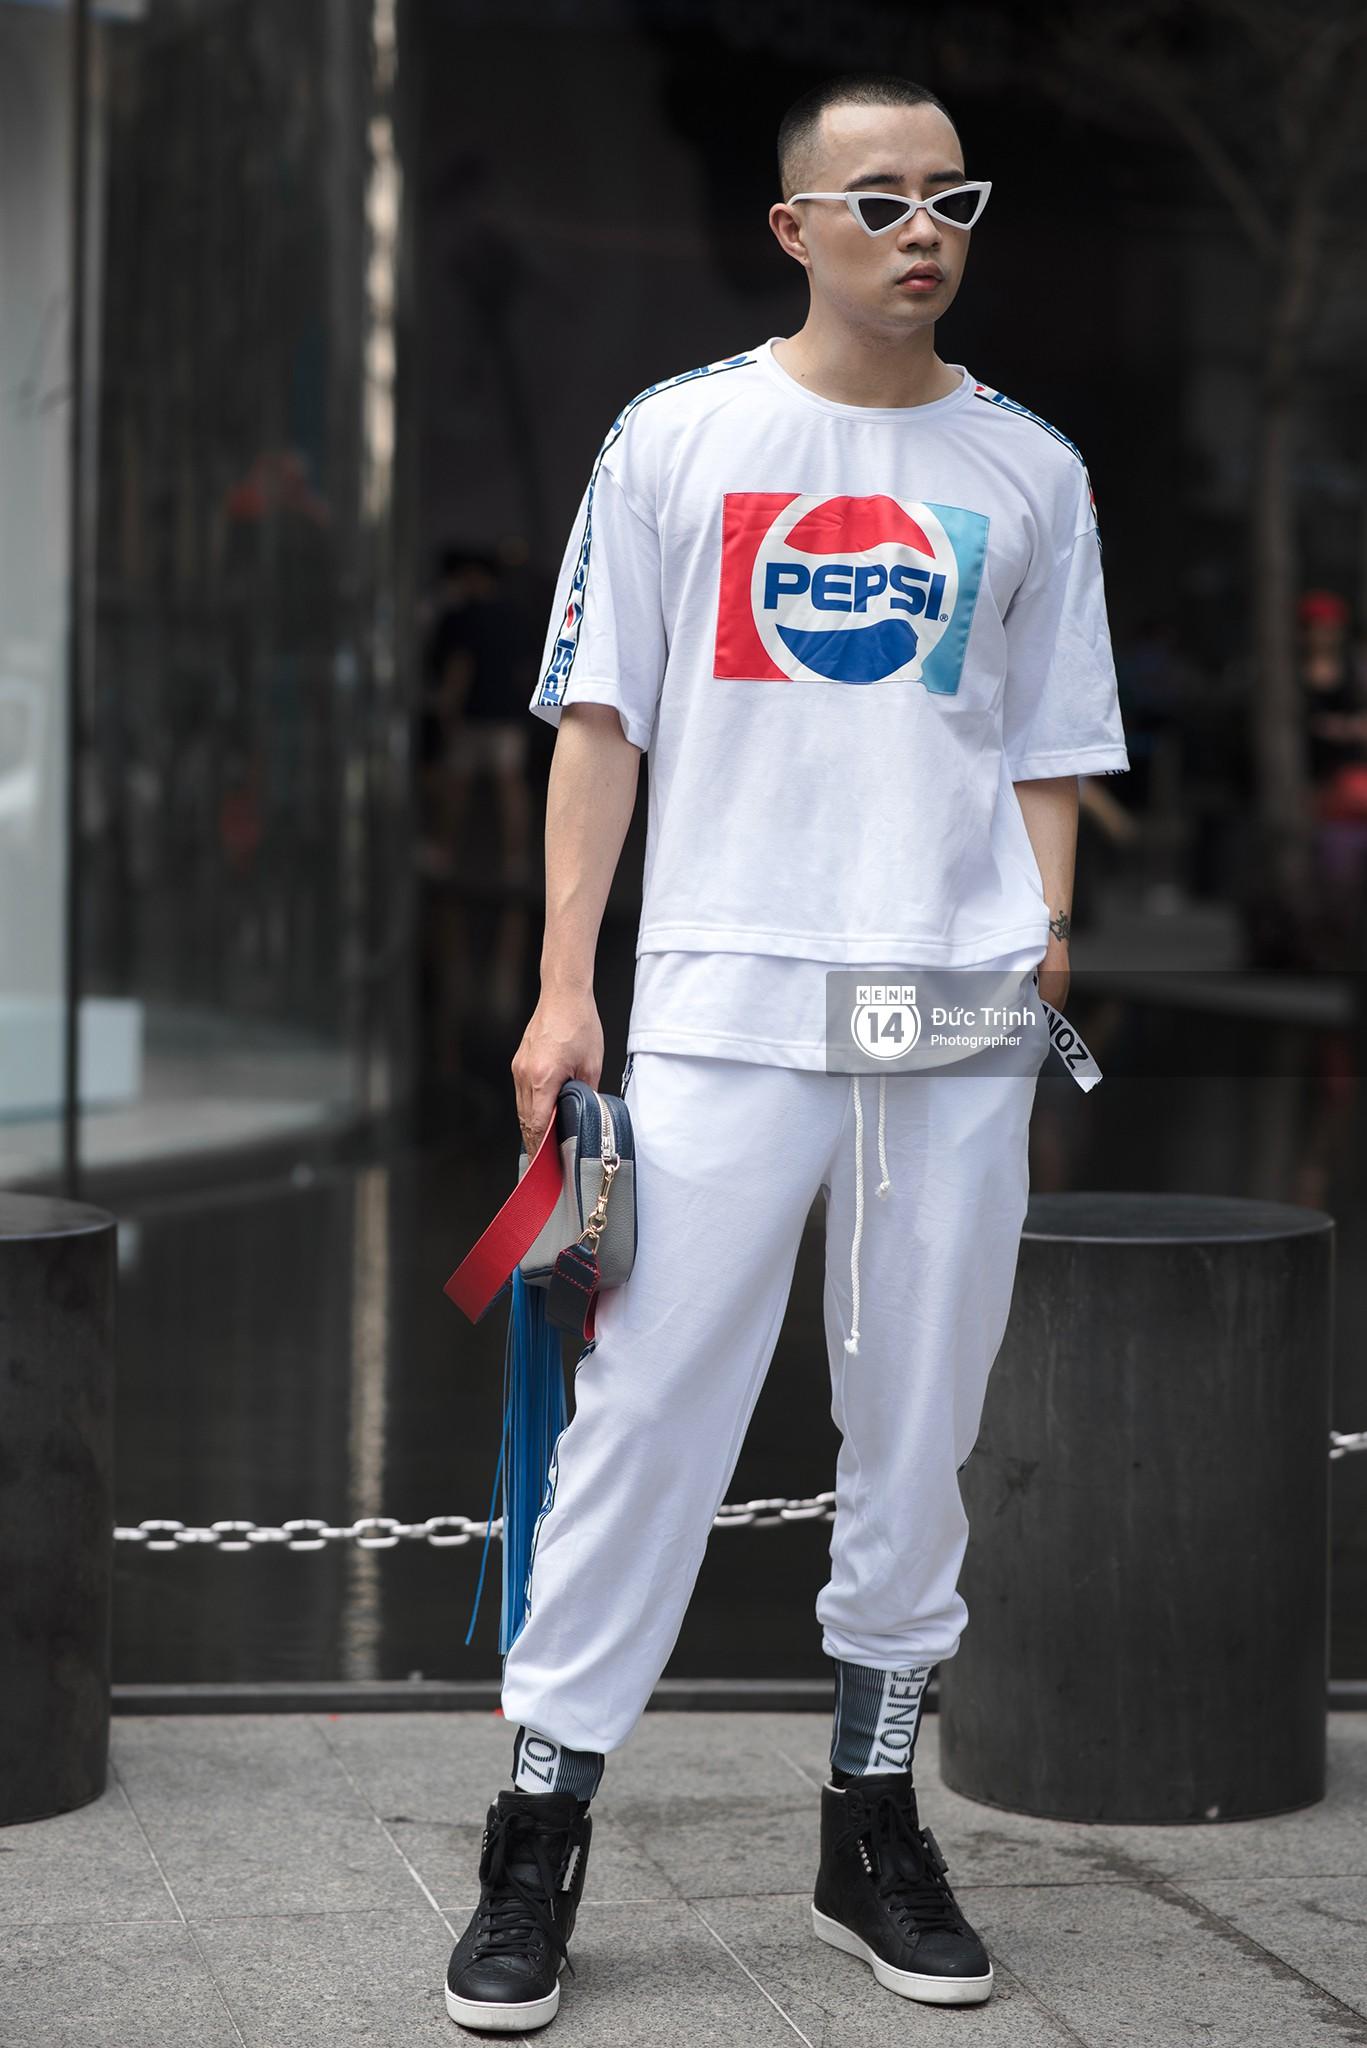 Street style 2 miền: Lên đồ đơn sắc hay sặc sỡ thì các bạn trẻ Việt vẫn cứ trung thành với style cool ngầu bụi bặm - Ảnh 18.